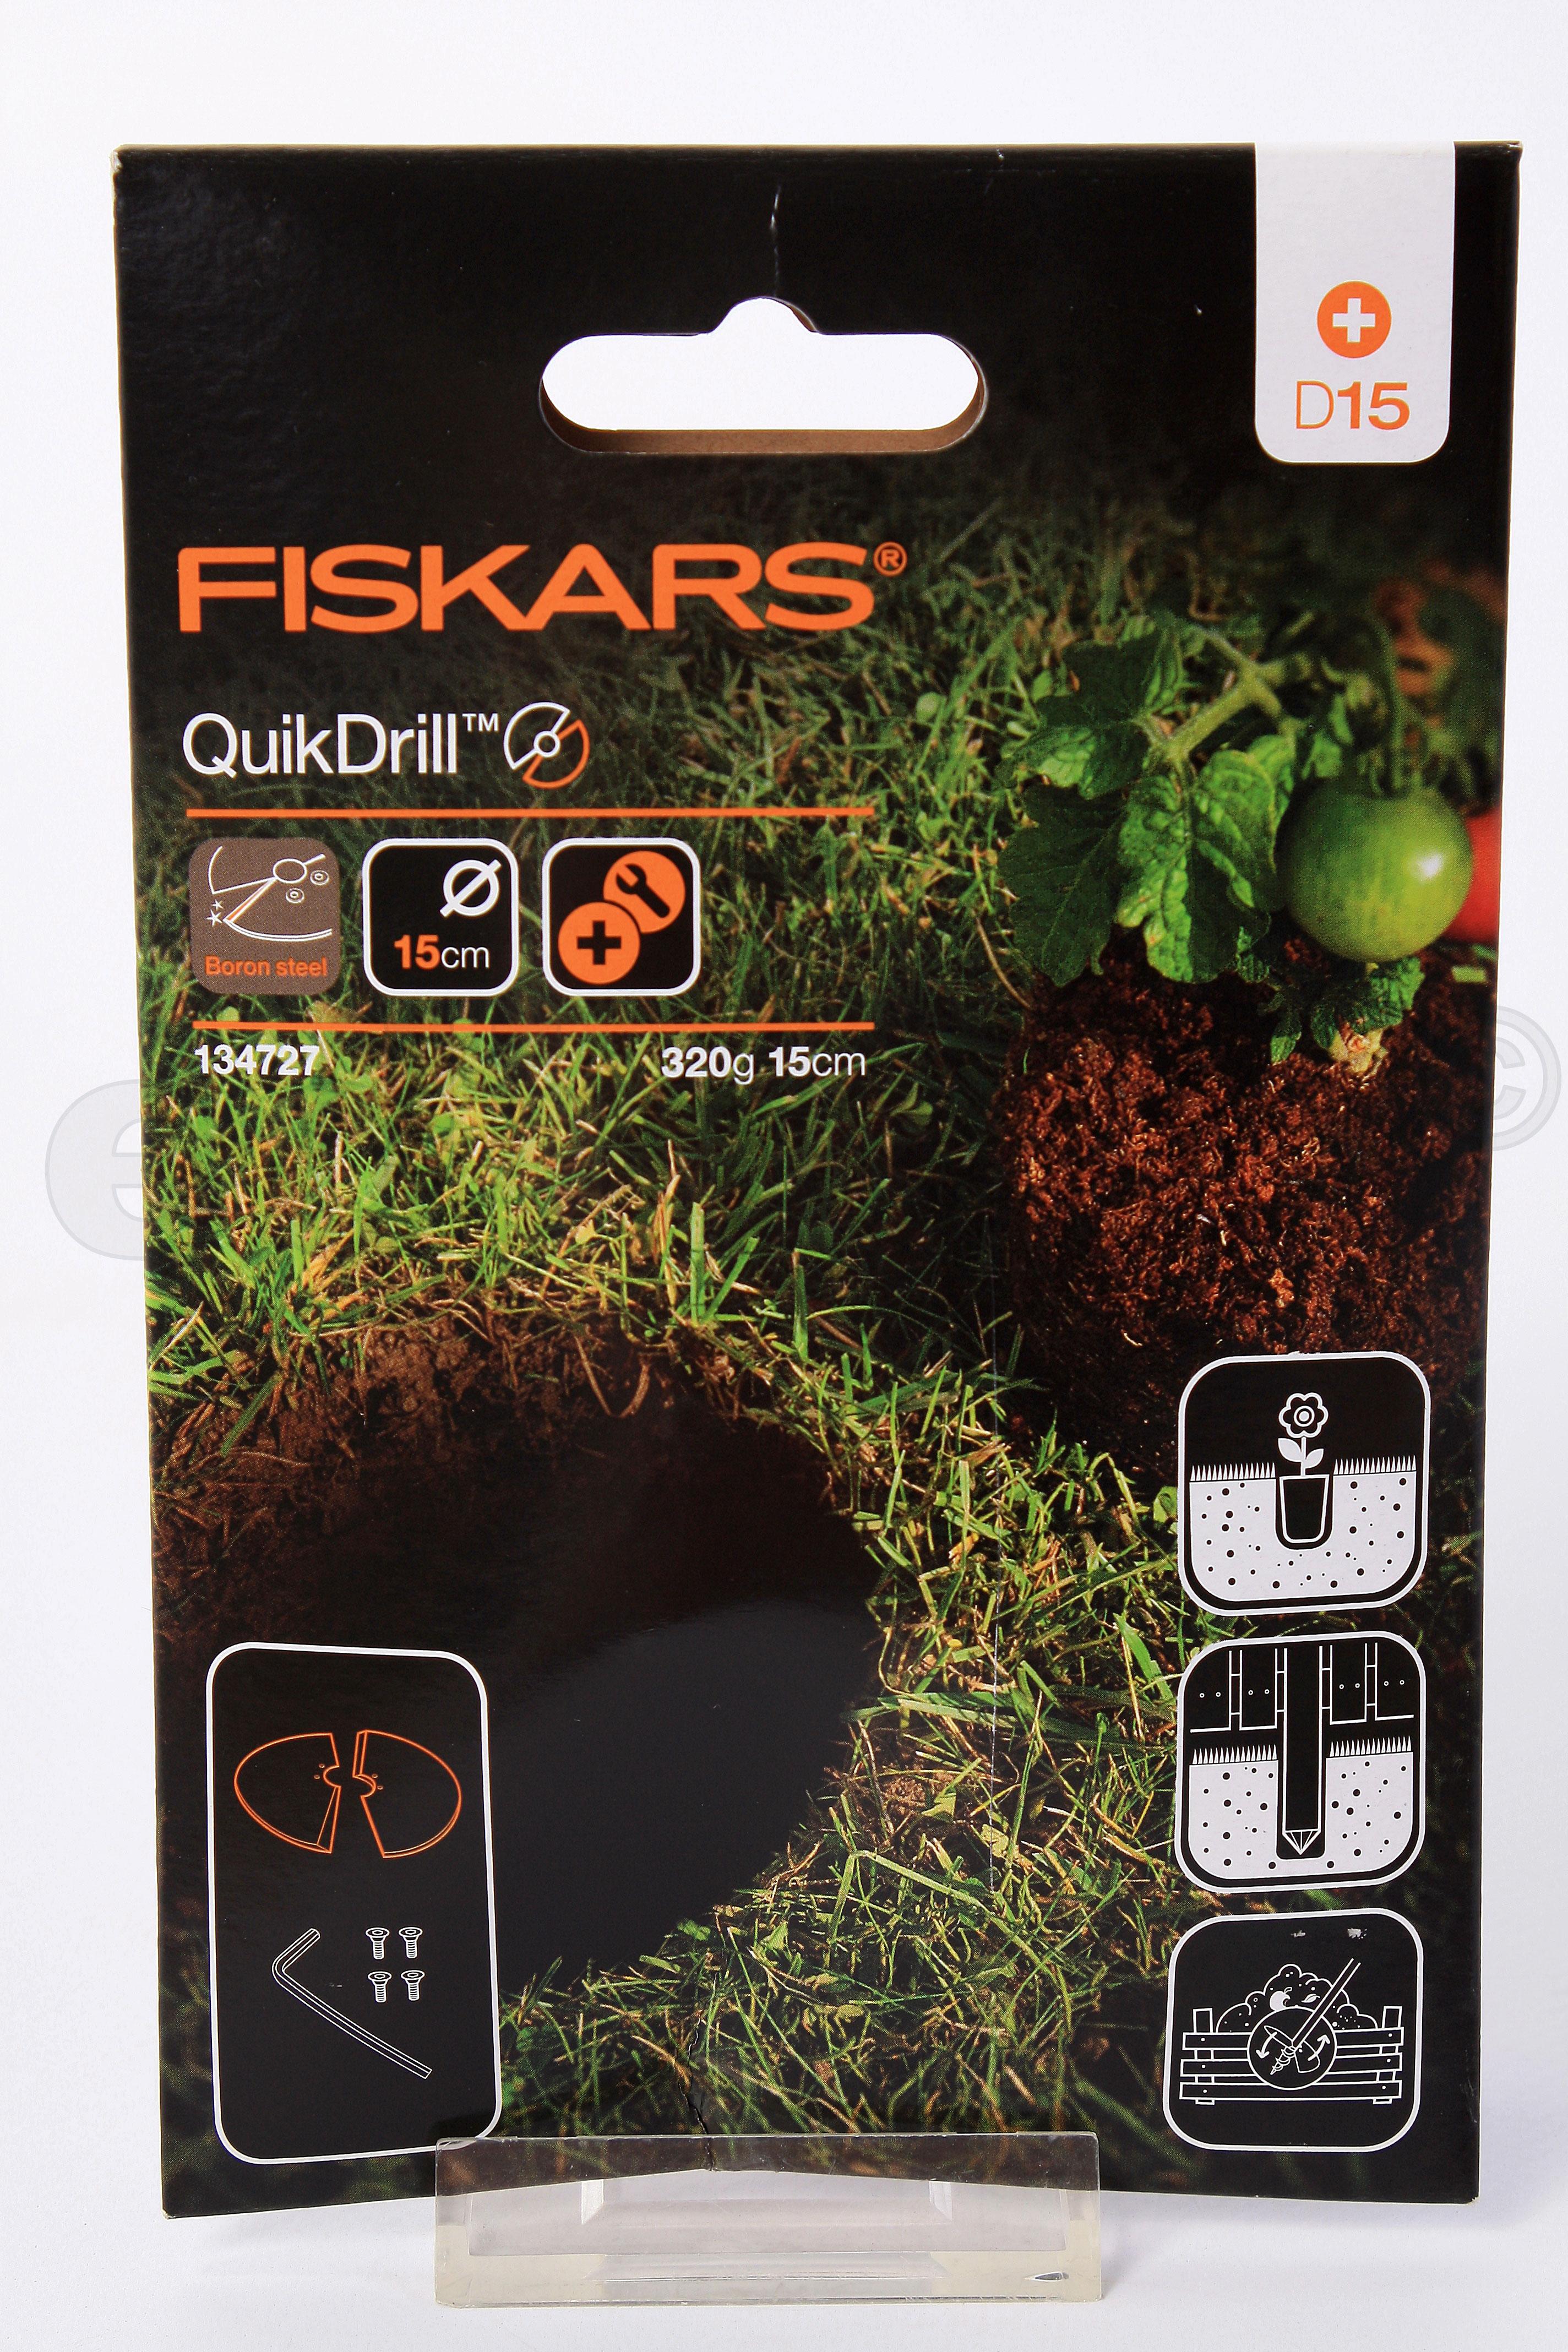 FISKARS Erweiterung Klingen QuikDrill 150mm für Handerdbohrer Bild 1